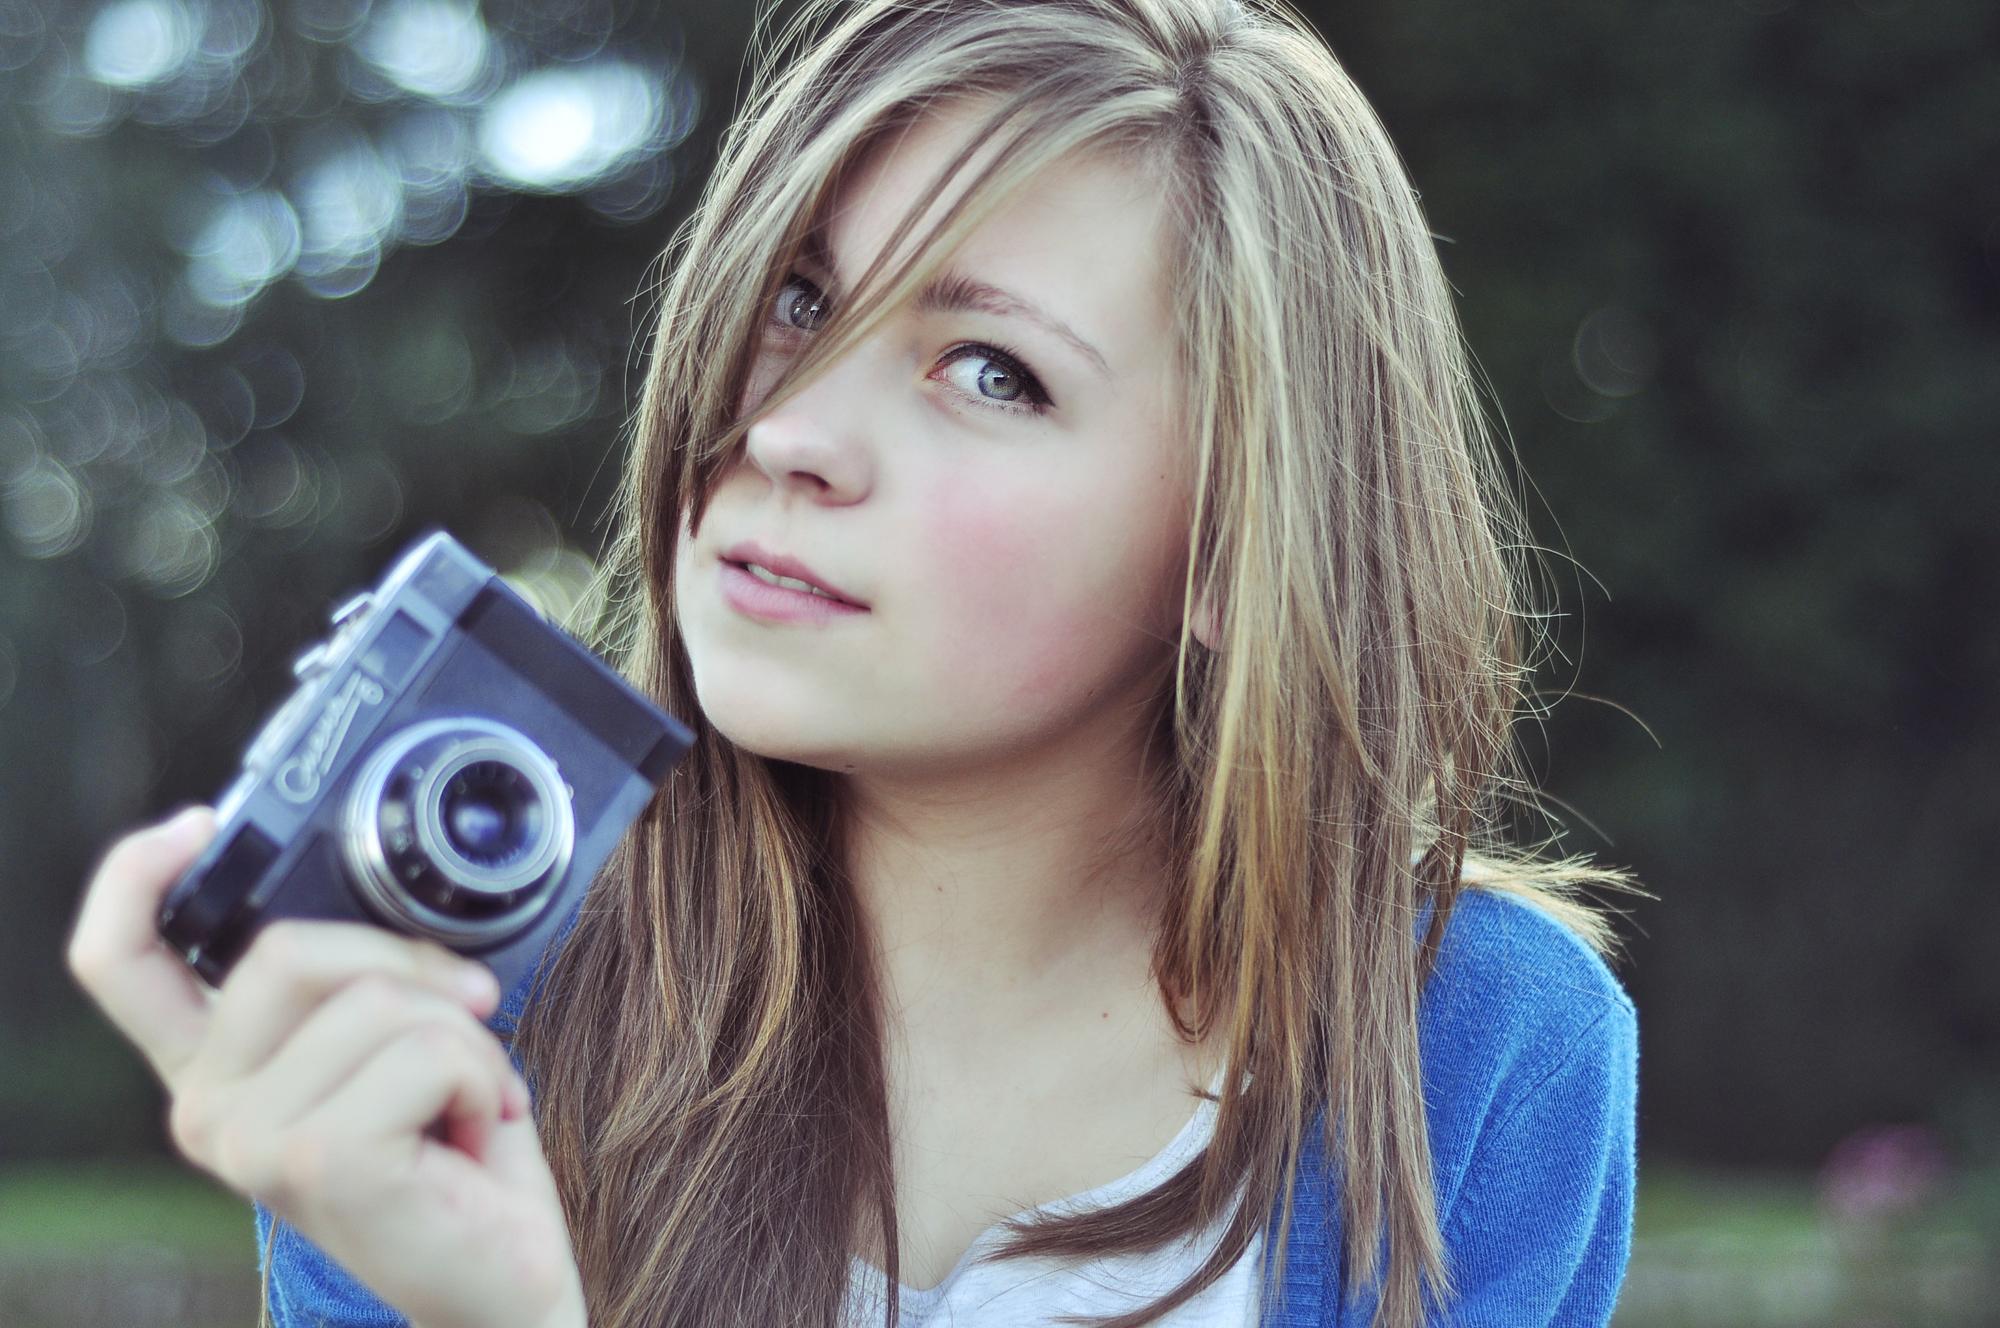 صورة صور بنات رائعة , اروع بنات ممكن ان تراها